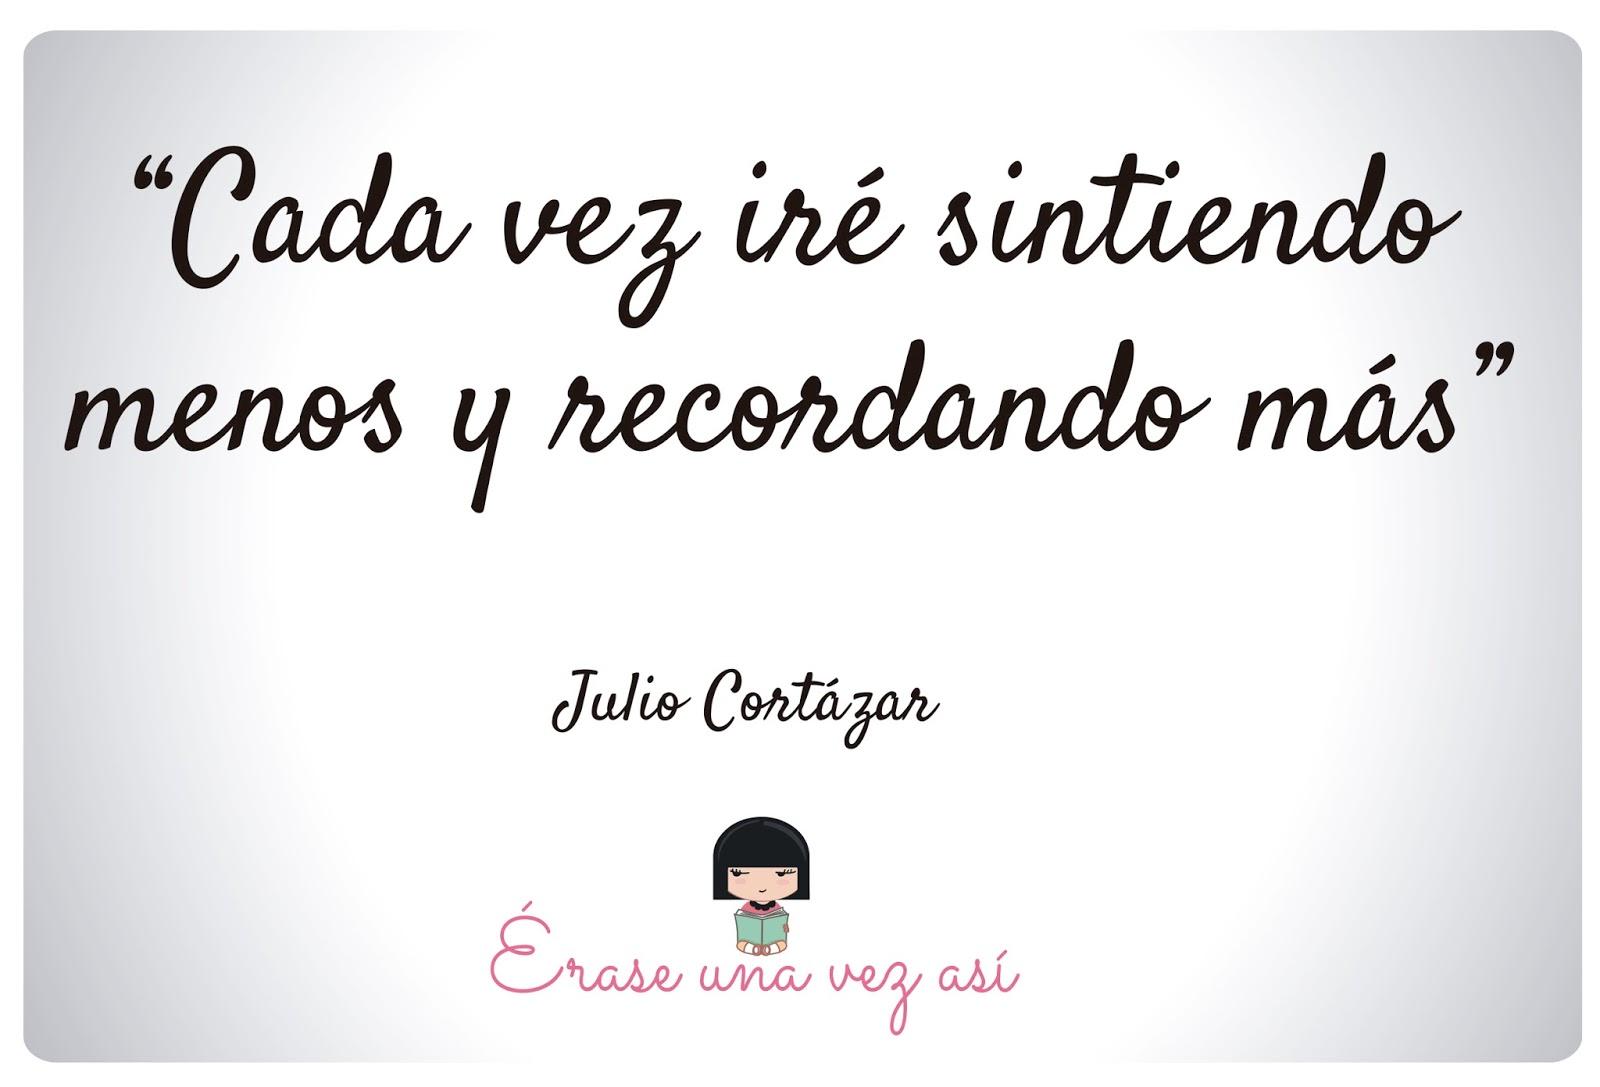 100 años del nacimiento de Julio Cortázar, frases de julio cortazar, frases cortas